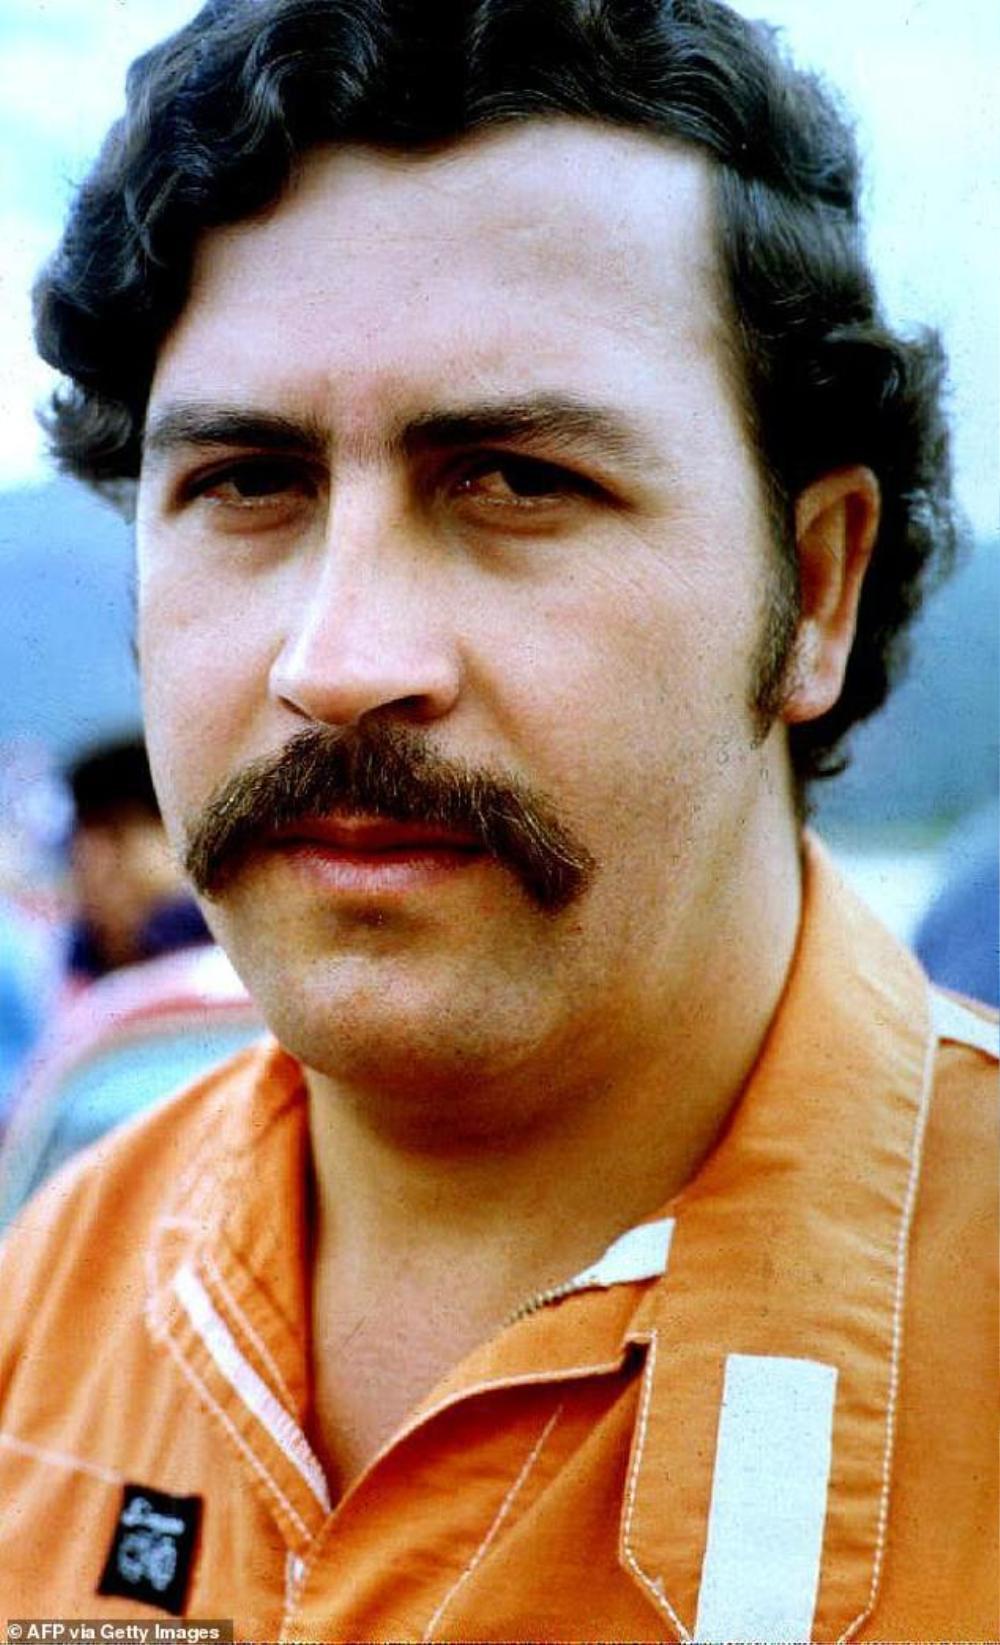 Cháu trùm ma túy khét tiếng Pablo Escobar tìm thấy hàng chục triệu đô trong nhà chú Ảnh 2